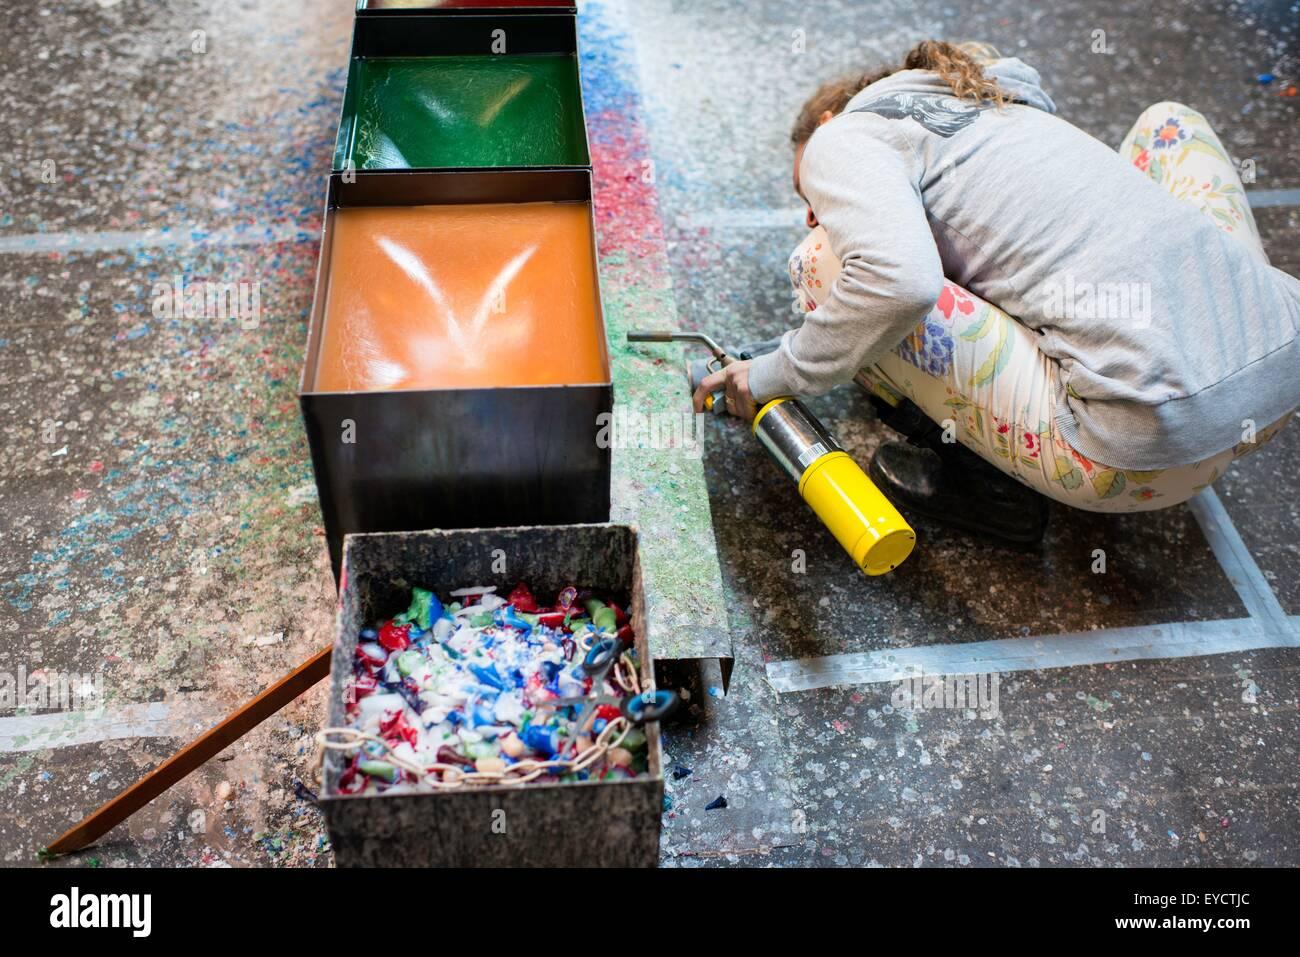 Femme accroupie pour faire fondre la cire née de l'association avec un chalumeau Banque D'Images